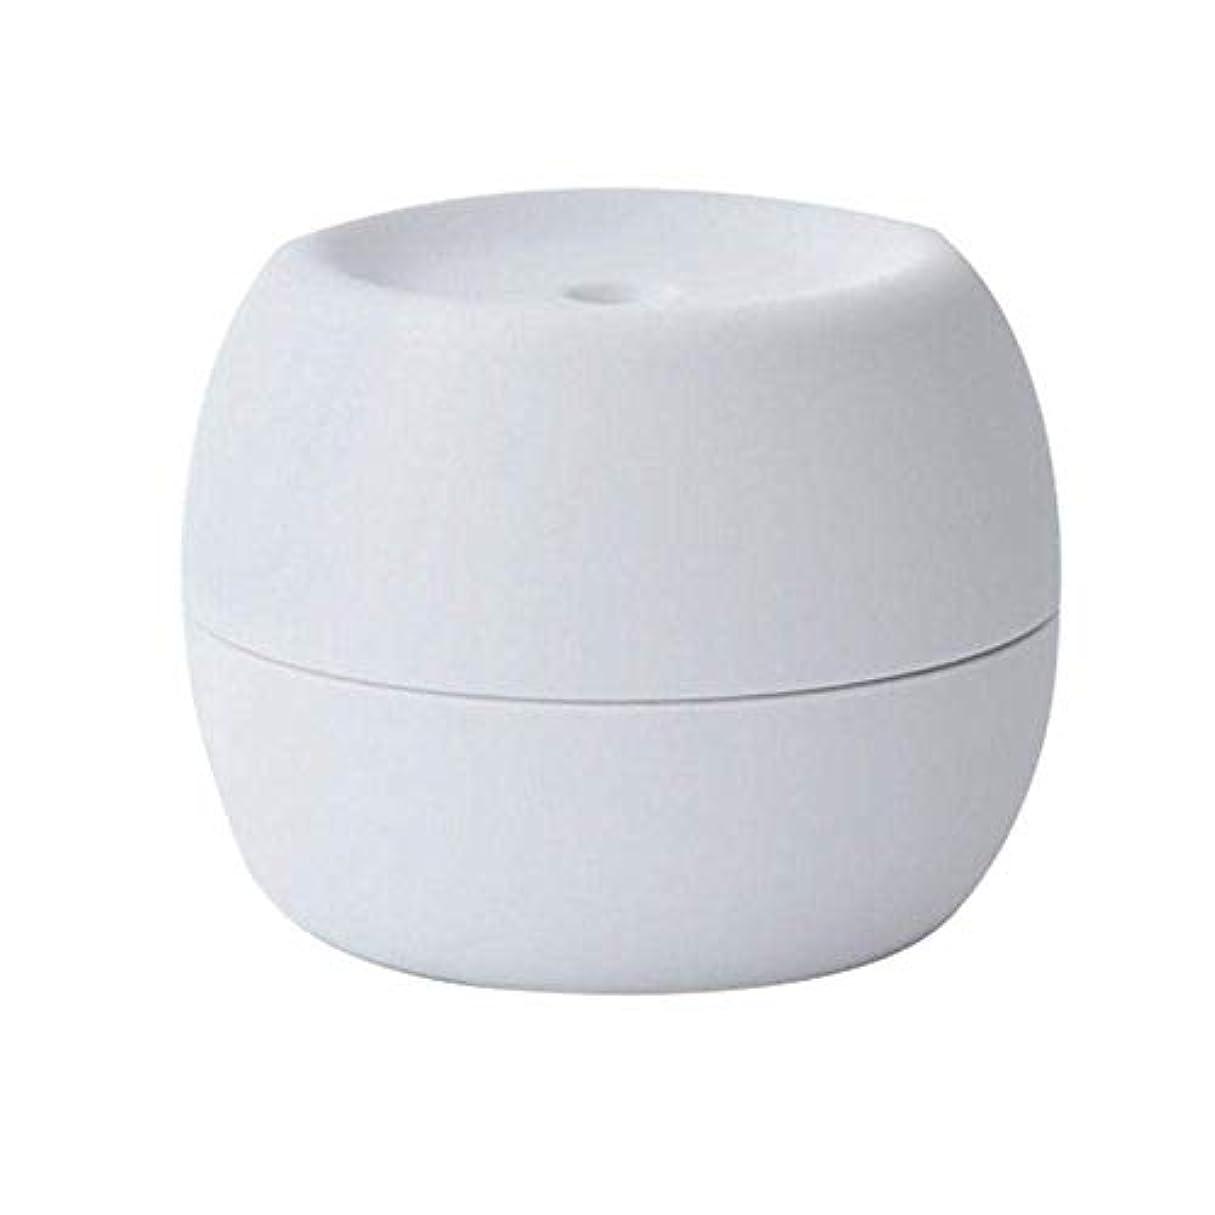 スキニー忠実にソケットSOTCE アロマディフューザー加湿器超音波霧化技術満足のいく解決策美しい装飾湿潤環境品質の製品 (Color : Gray)